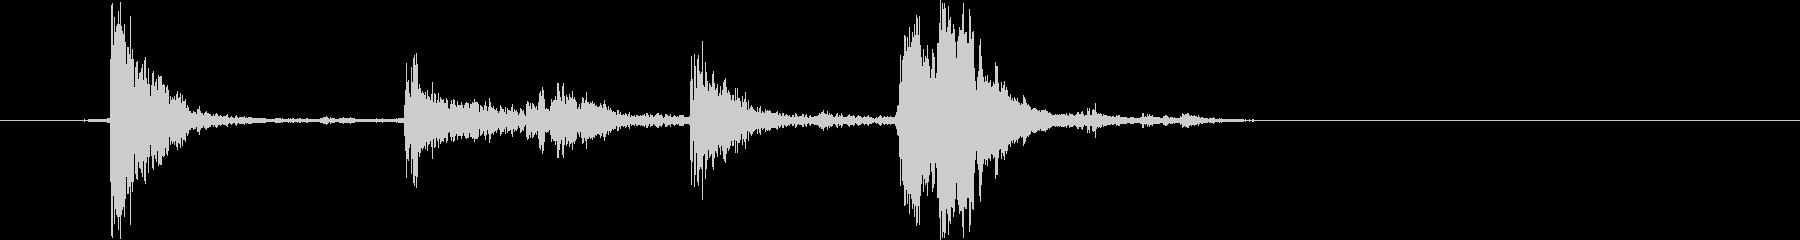 カチャン(お皿を積み重ねる音)Cの未再生の波形